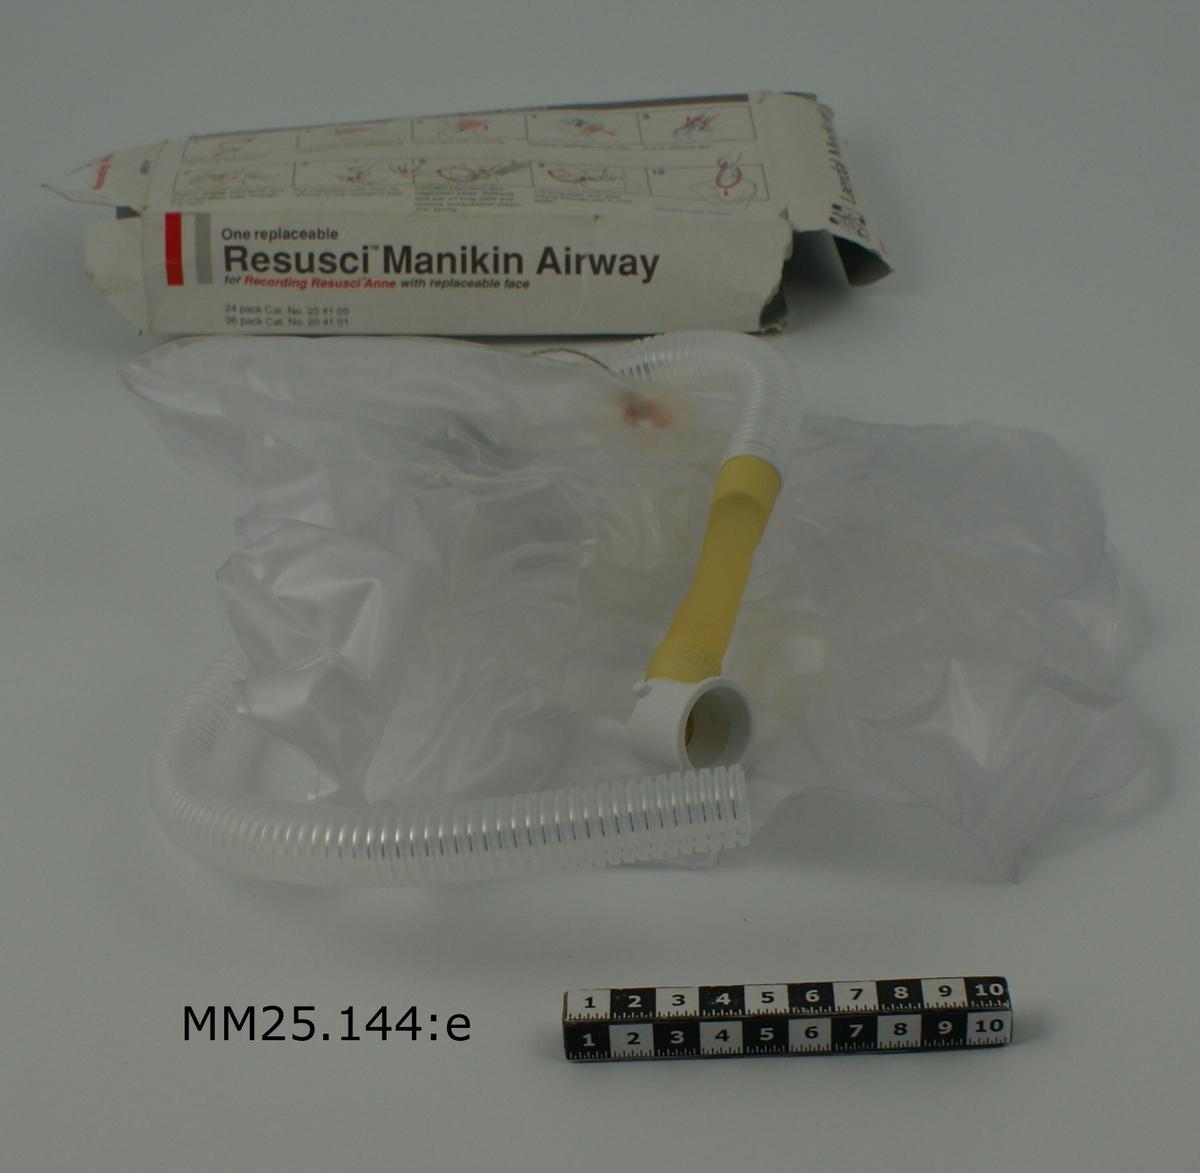 Genomskinliga, räfflade plaströr som förenas i en t-koppling. Ena röret slutar i en gummi-/plastanordning som ska fästas i övningsdockans mun, en del slutar i en gneomskinlig lunga av plast och den sista delen slutar tämligen tvärt. Förvaras i en vit pappkarton med grått och rött tryck som visar hur den ska monteras.